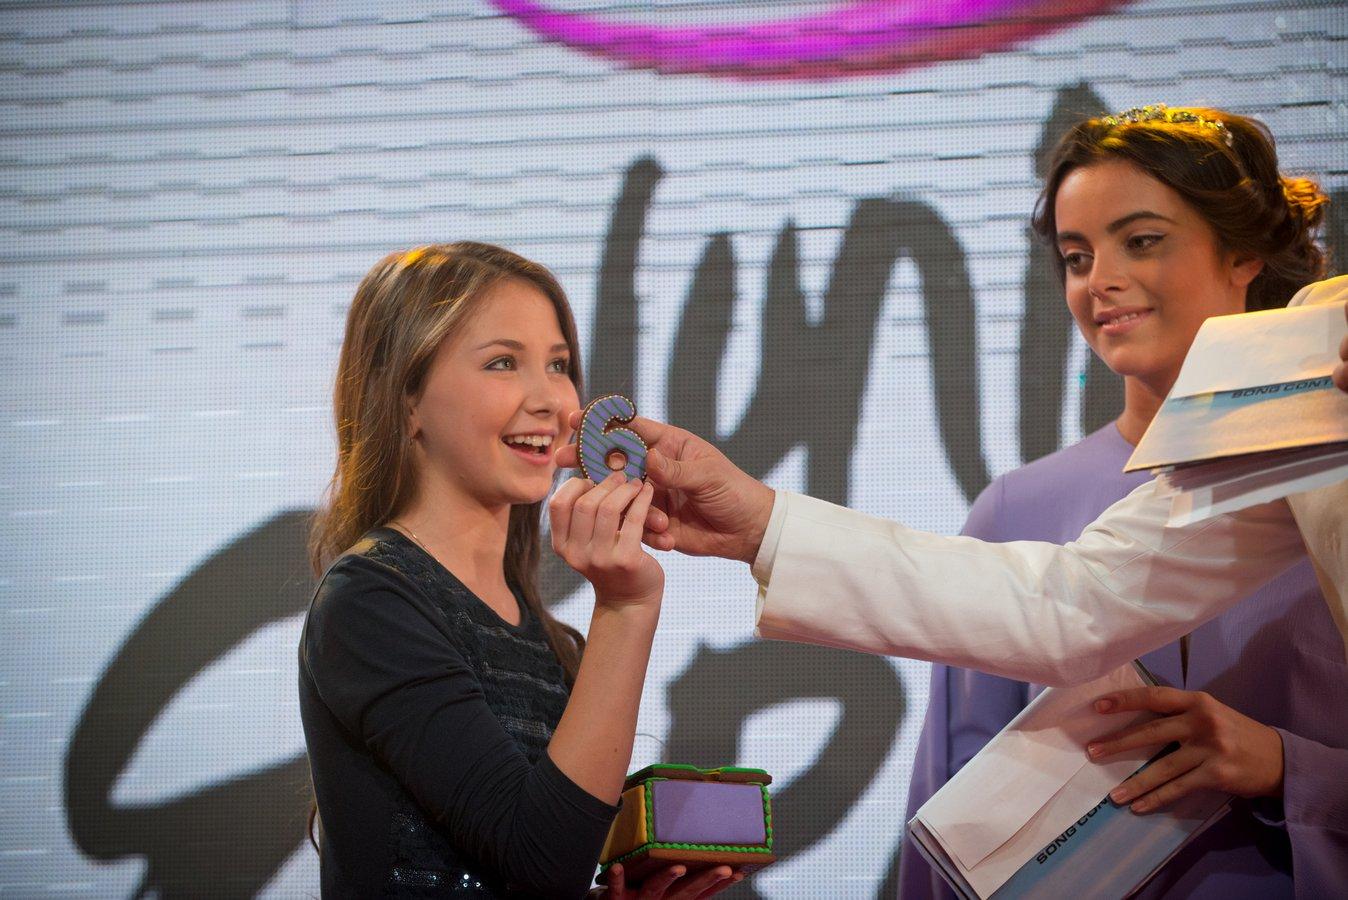 детское евровидение 2013 участники украина фото